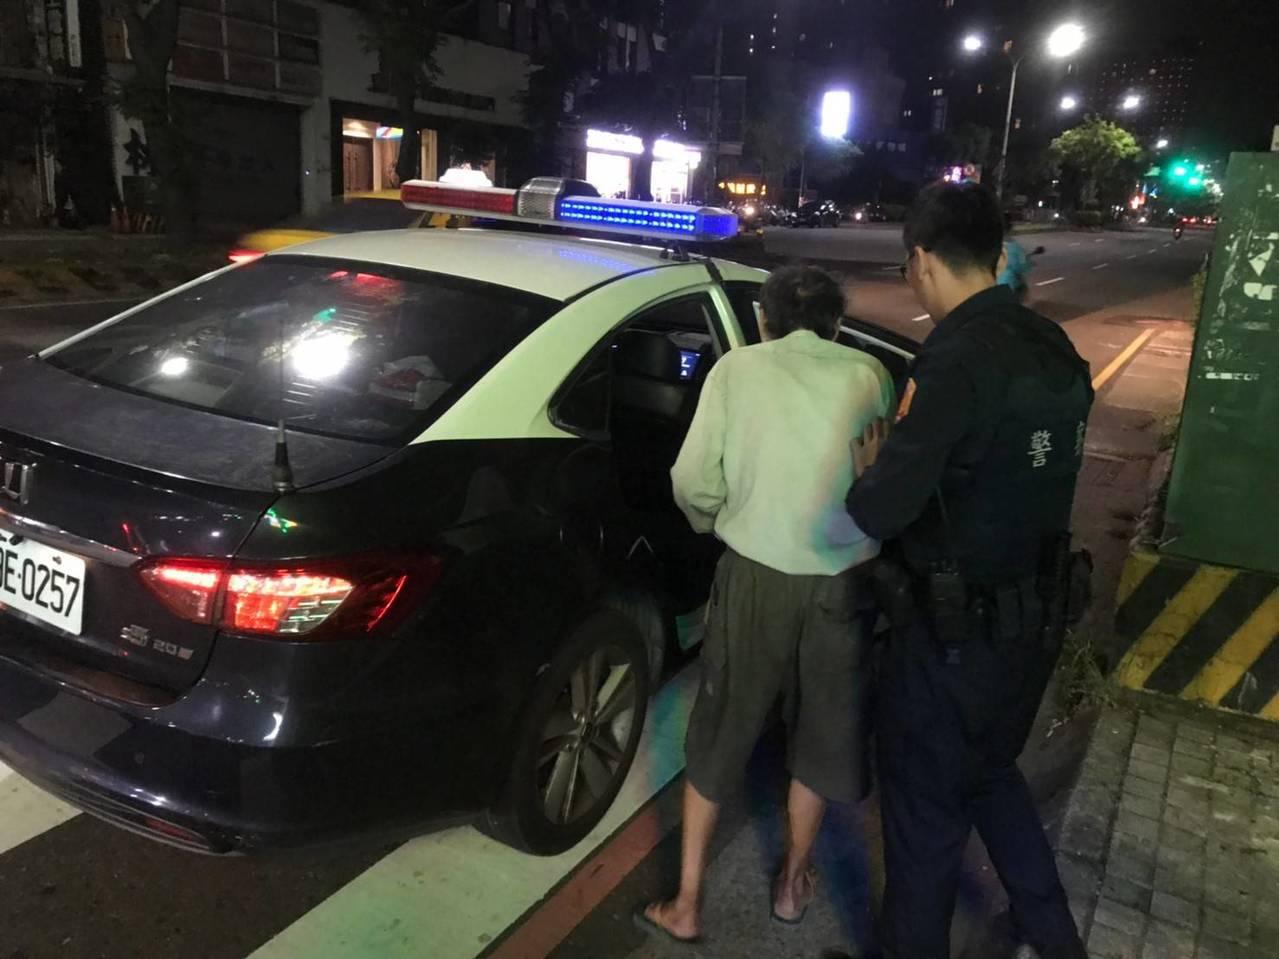 老翁竟为了一个包子徒步走了20公里,最后体力不支在路边瘫坐,所幸员警巡逻经过发现...